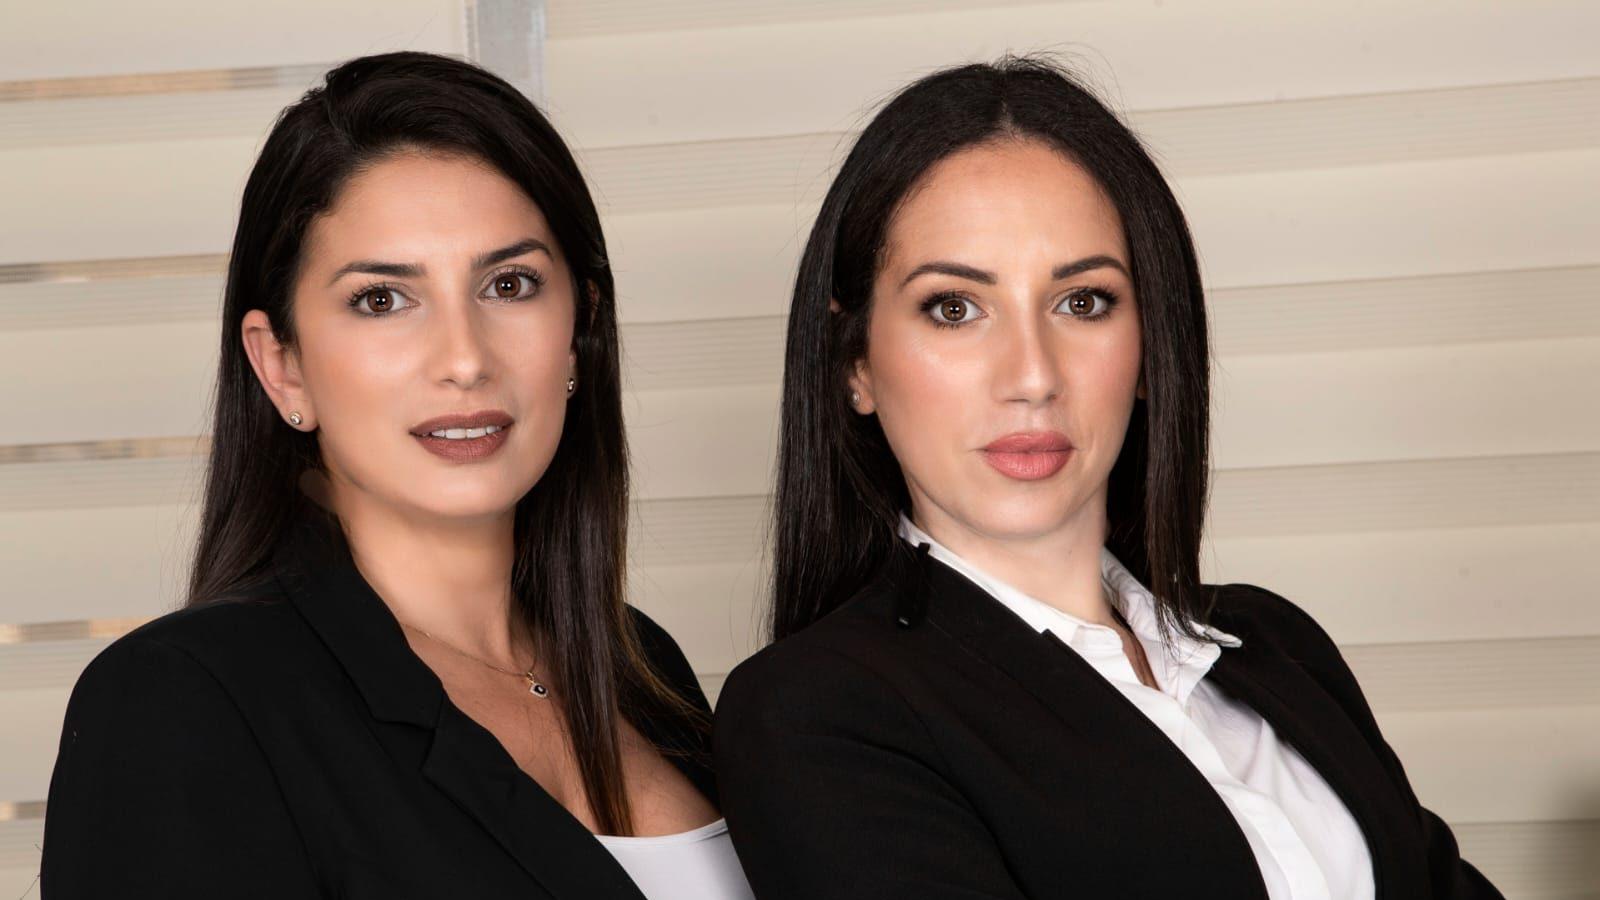 הלשכה תעניק לחבריה ייעוץ משפטי אישי על ידי פירמת עורכי הדין M.M.G & Co